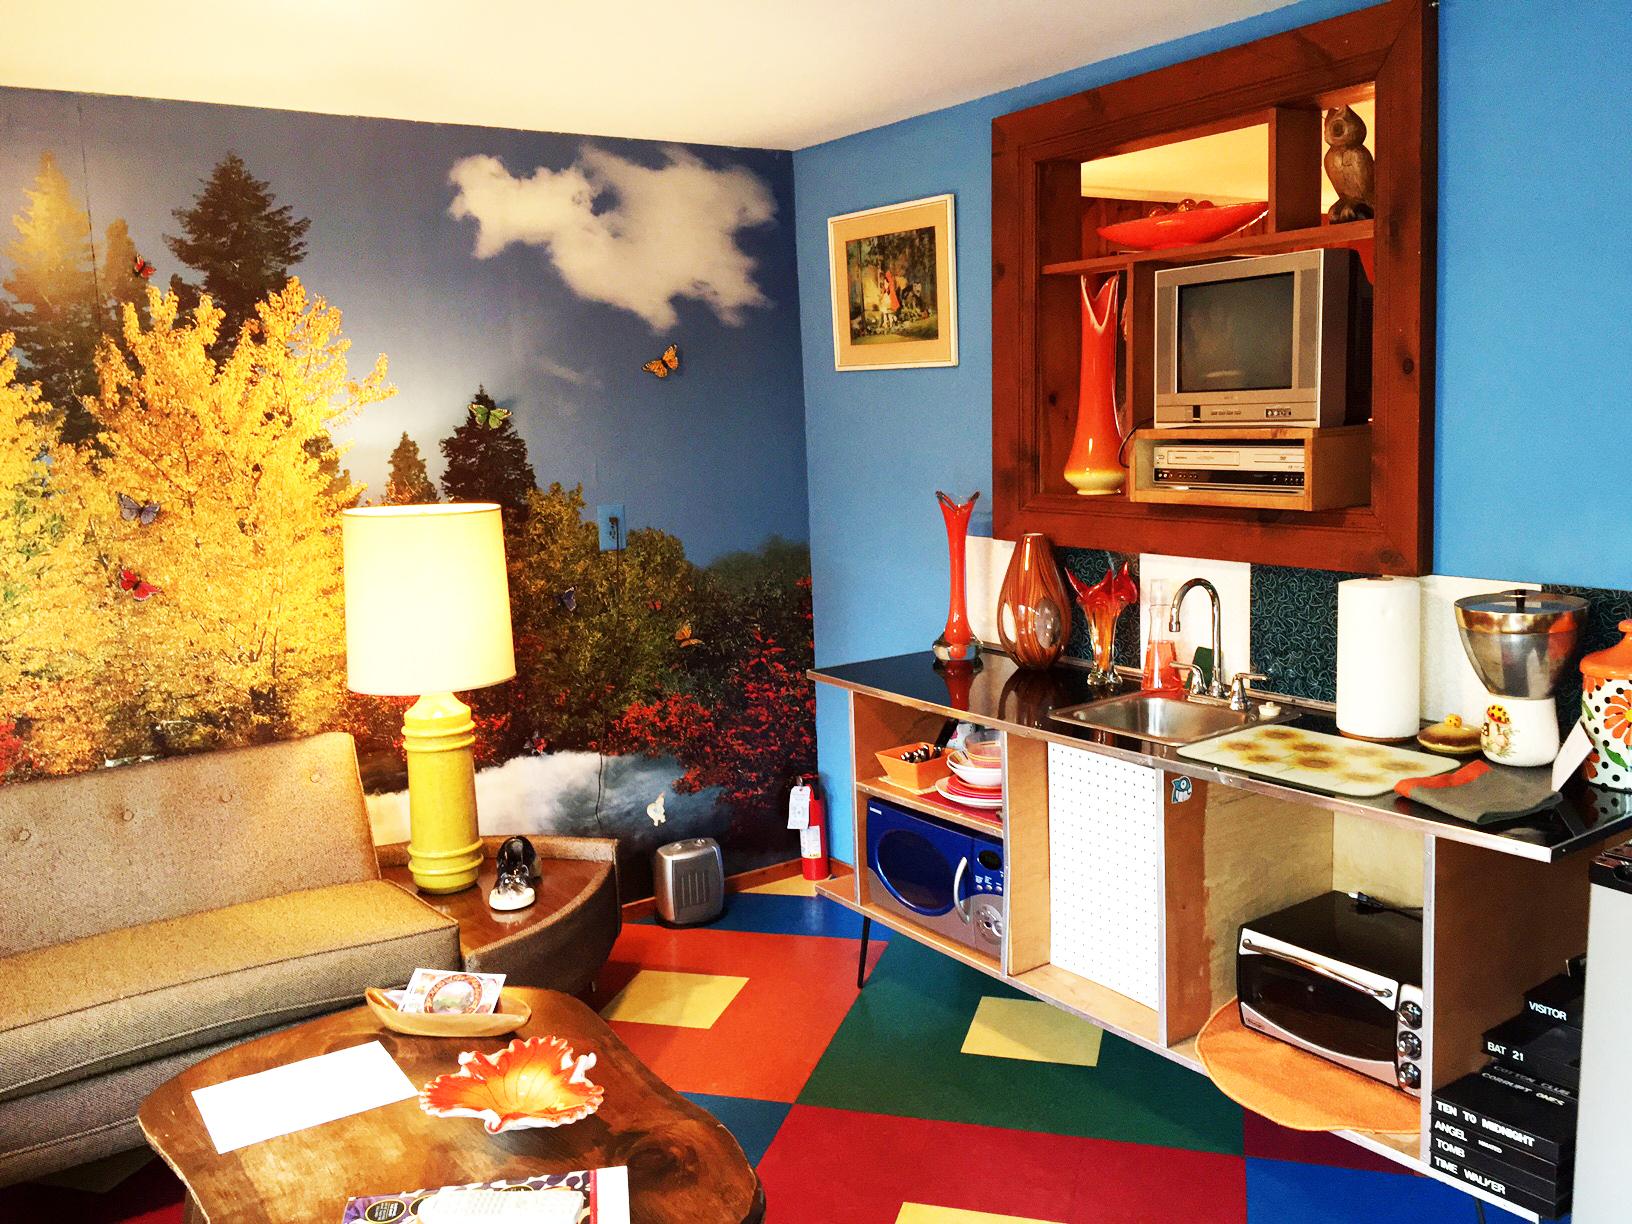 suite4_livingroom3 copy.jpg